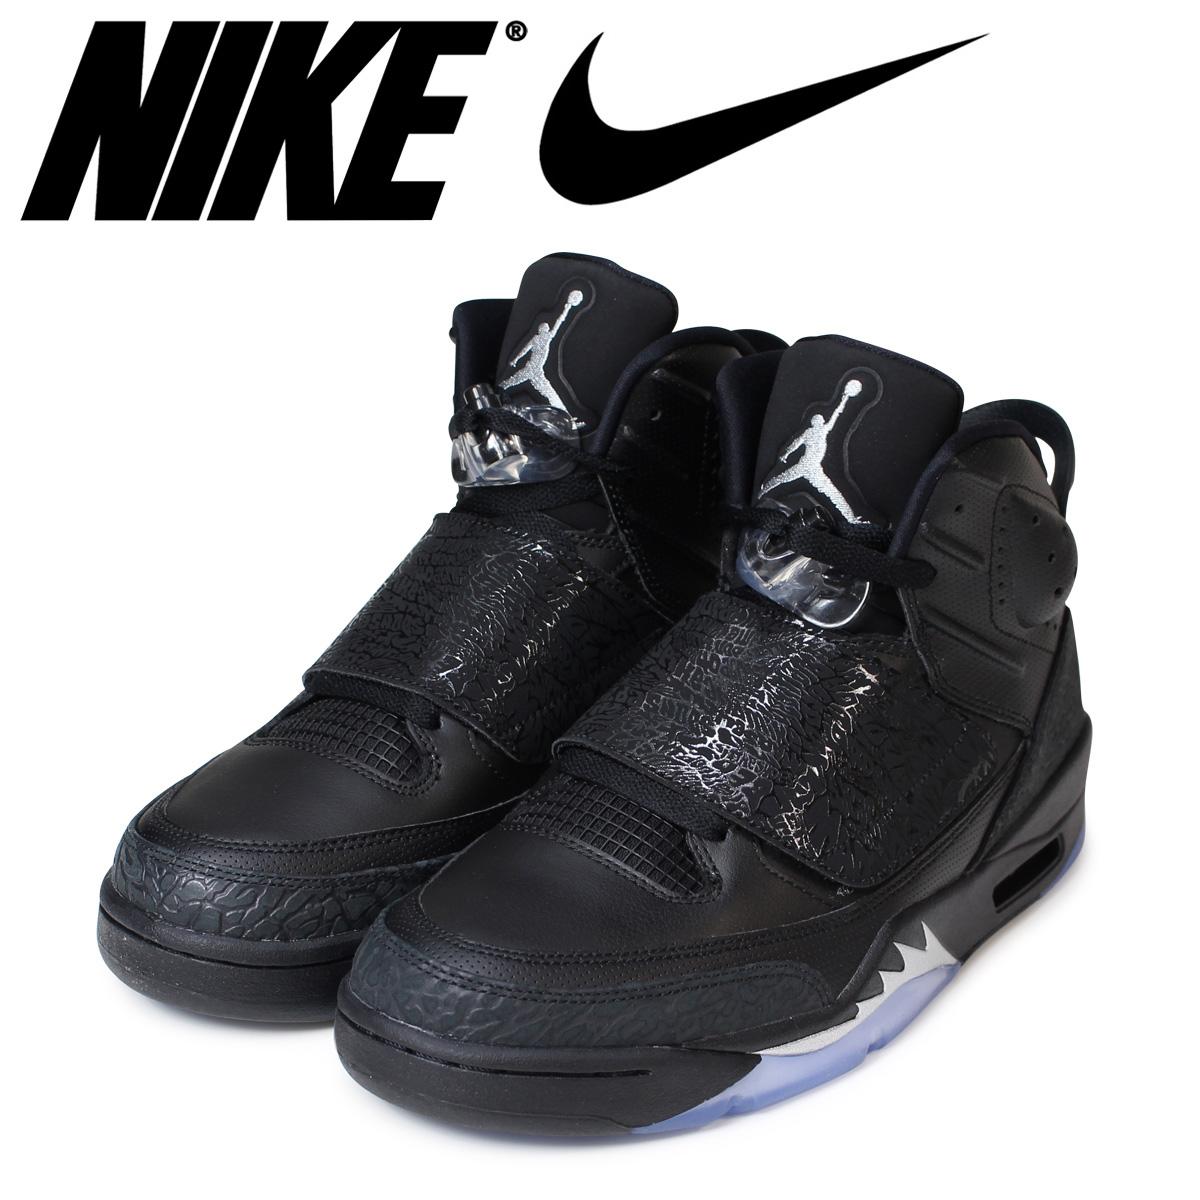 NIKE ナイキ エアジョーダン メンズ スニーカー THE JORDAN SON 512245-010 靴 ブラック 【決算セール 返品不可】